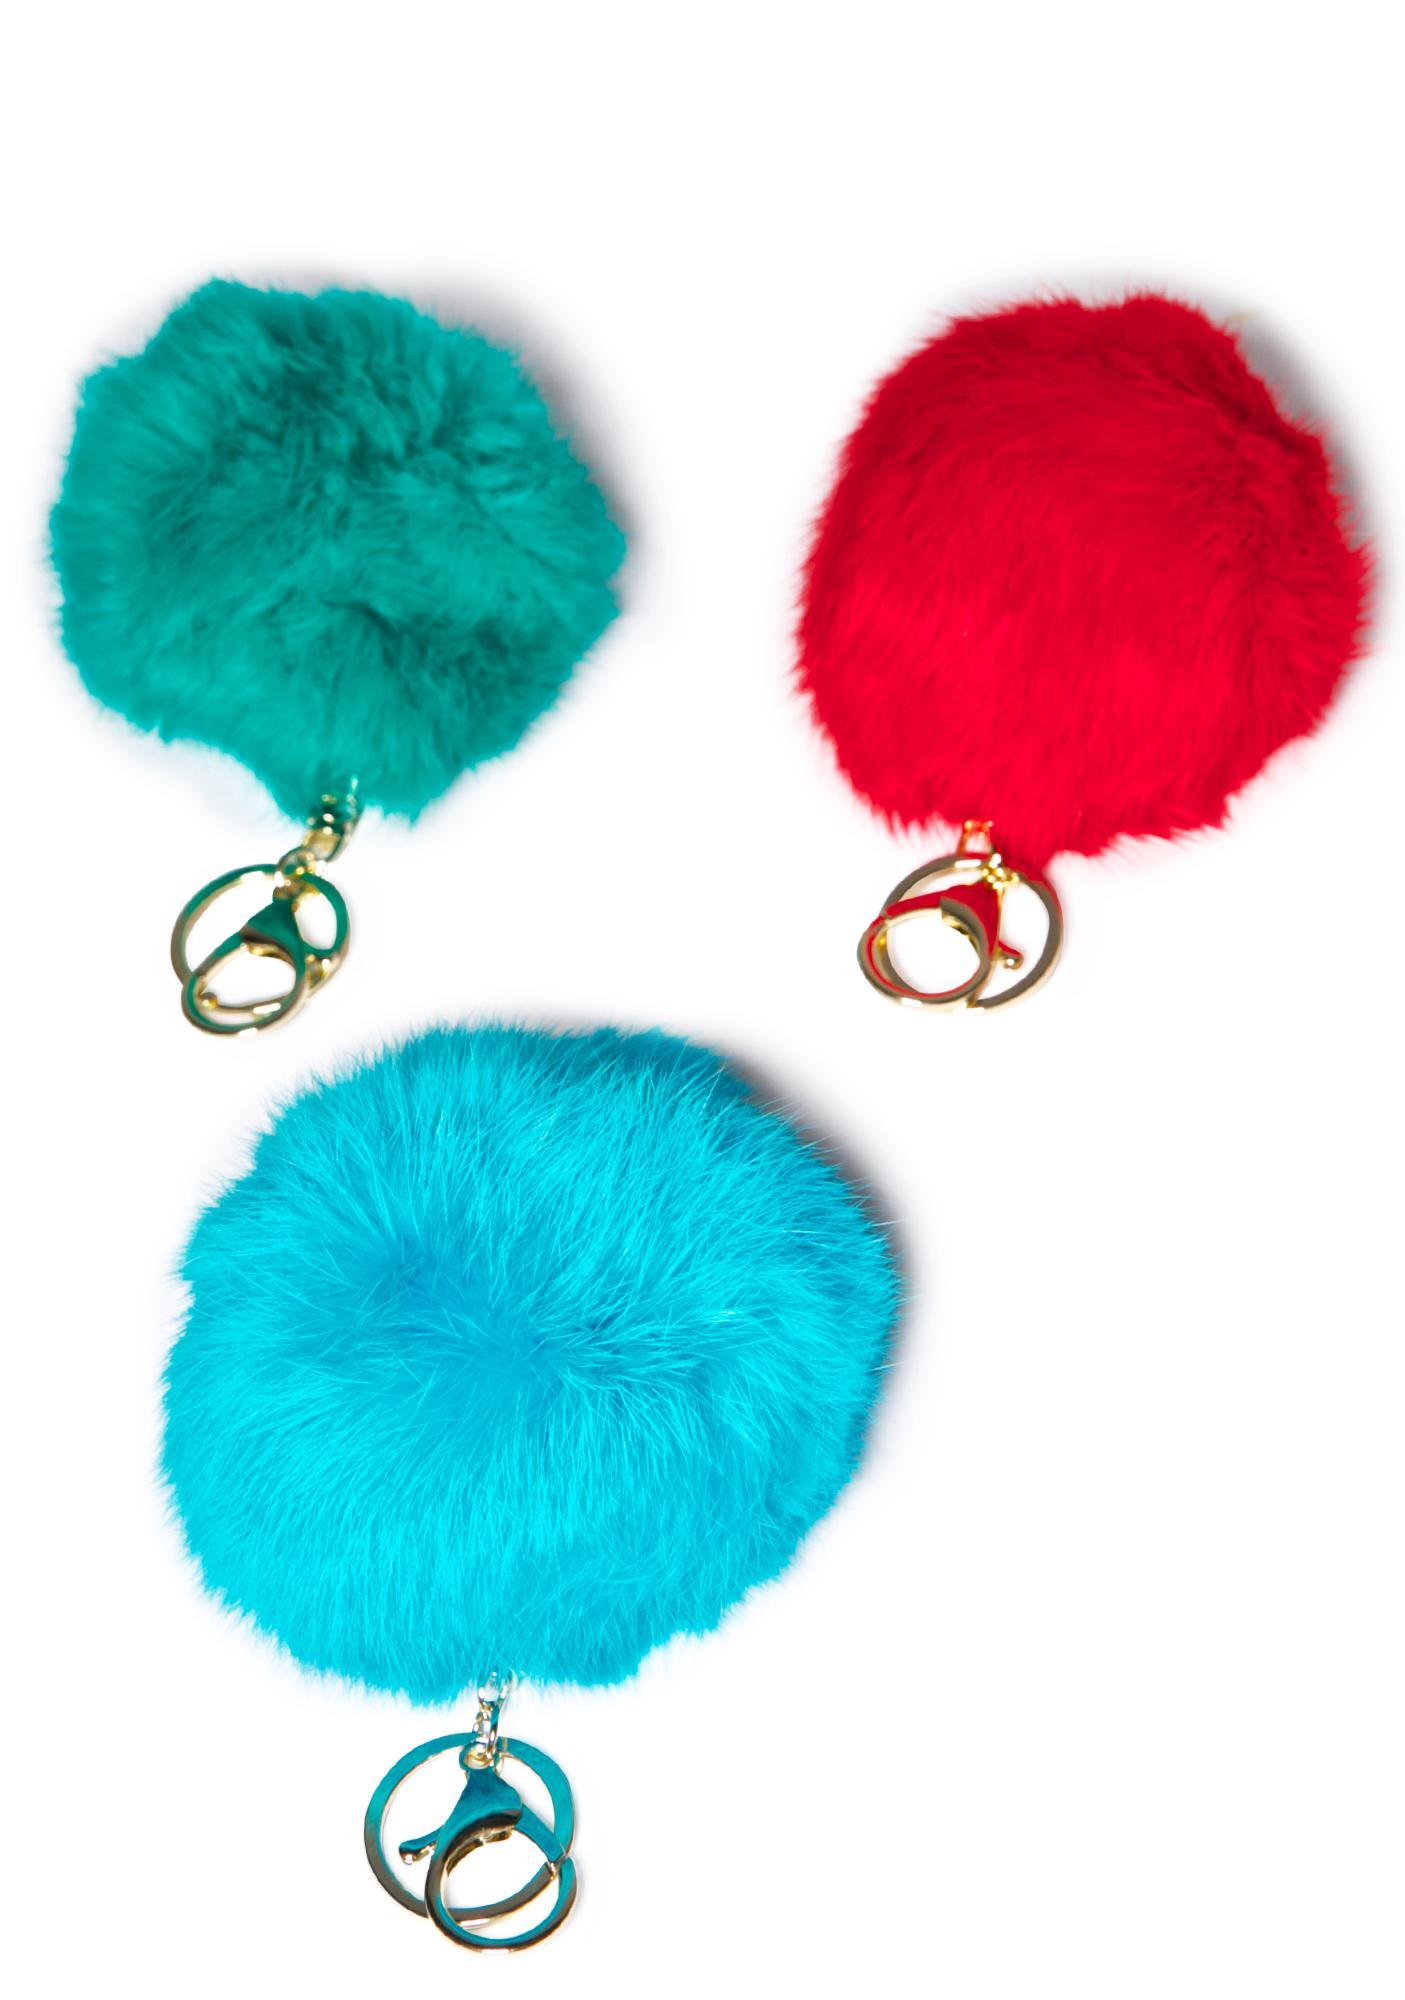 Clueless Blue Fluffy Pom Keychain